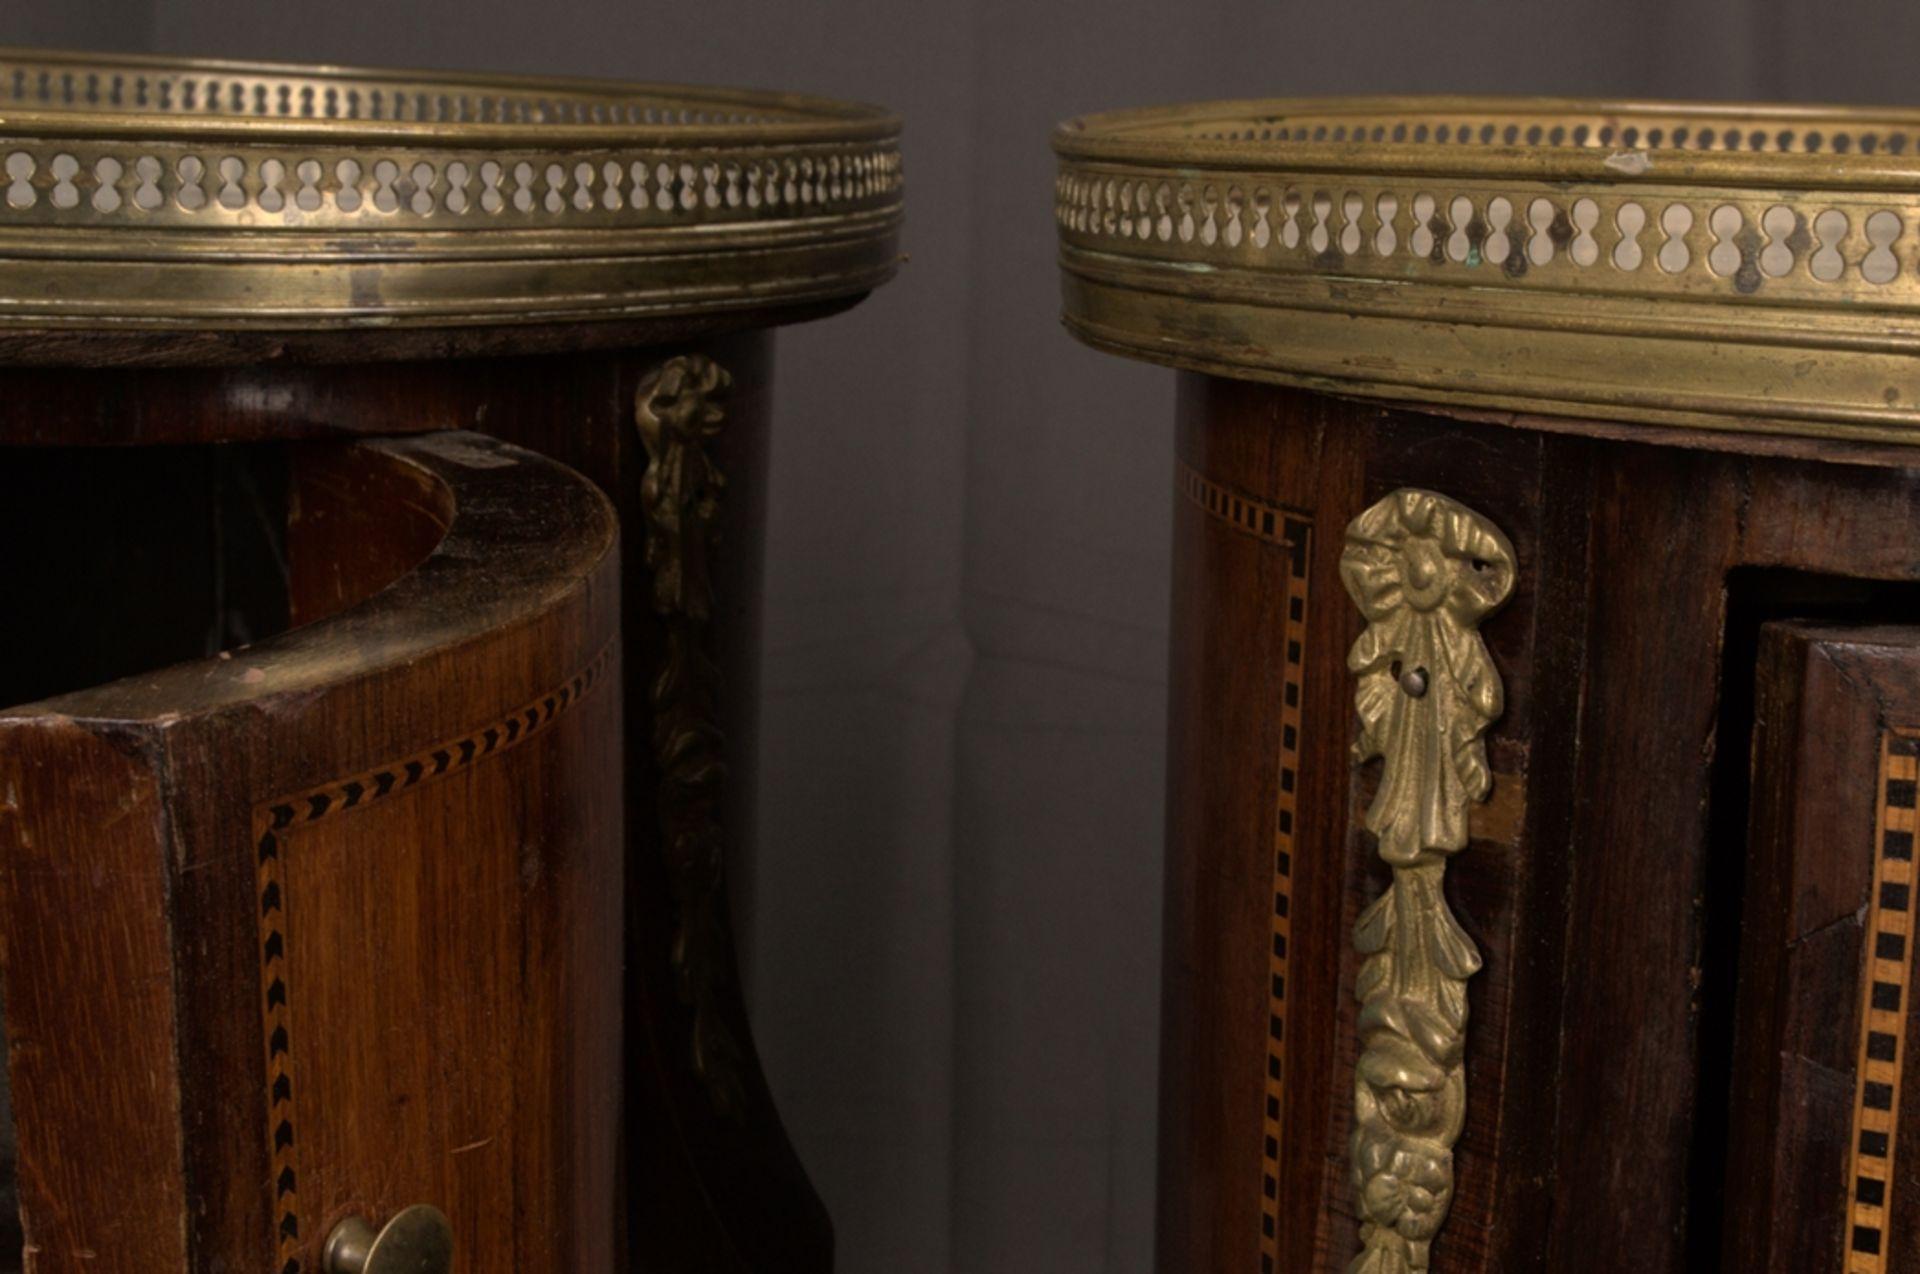 Paar eleganter, dreibeiniger Beistelltische sog. Gueridons, Frankreich 19./20. Jhd. Eintüriger - Bild 11 aus 19